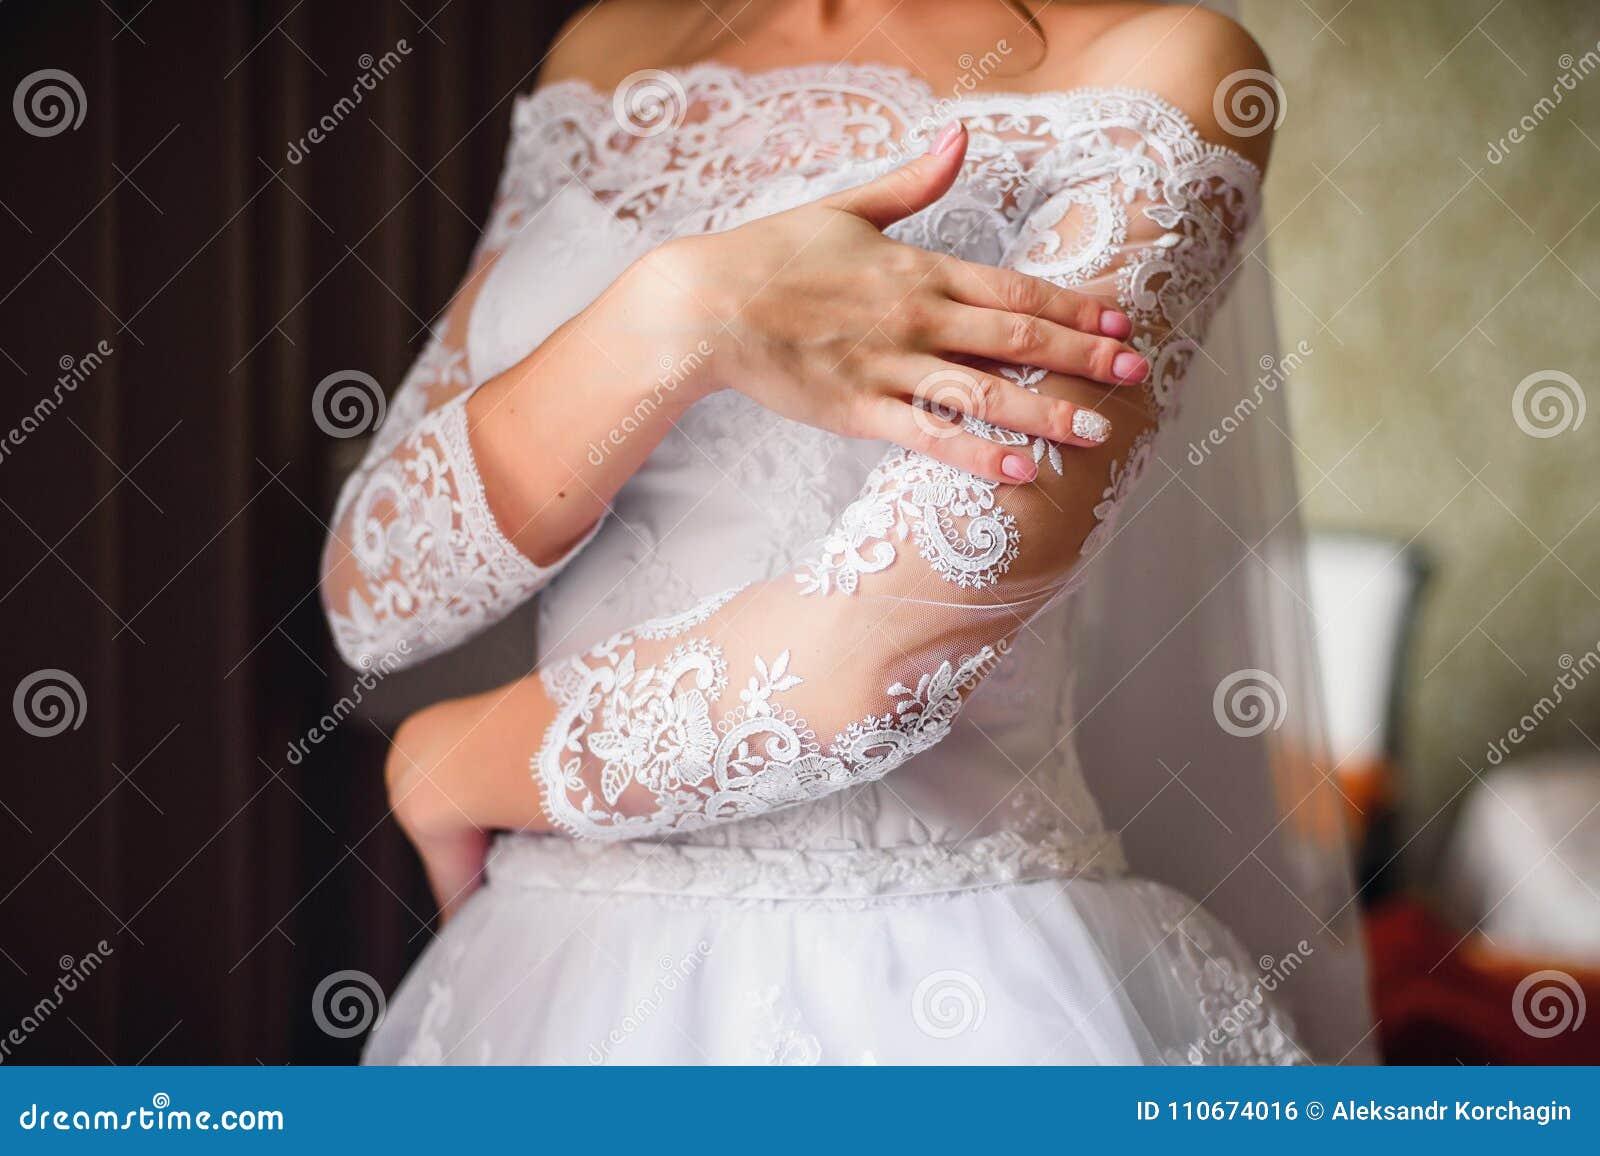 Hände Der Braut Mit Einer Rosa Hochzeit Maniküren Auf ...